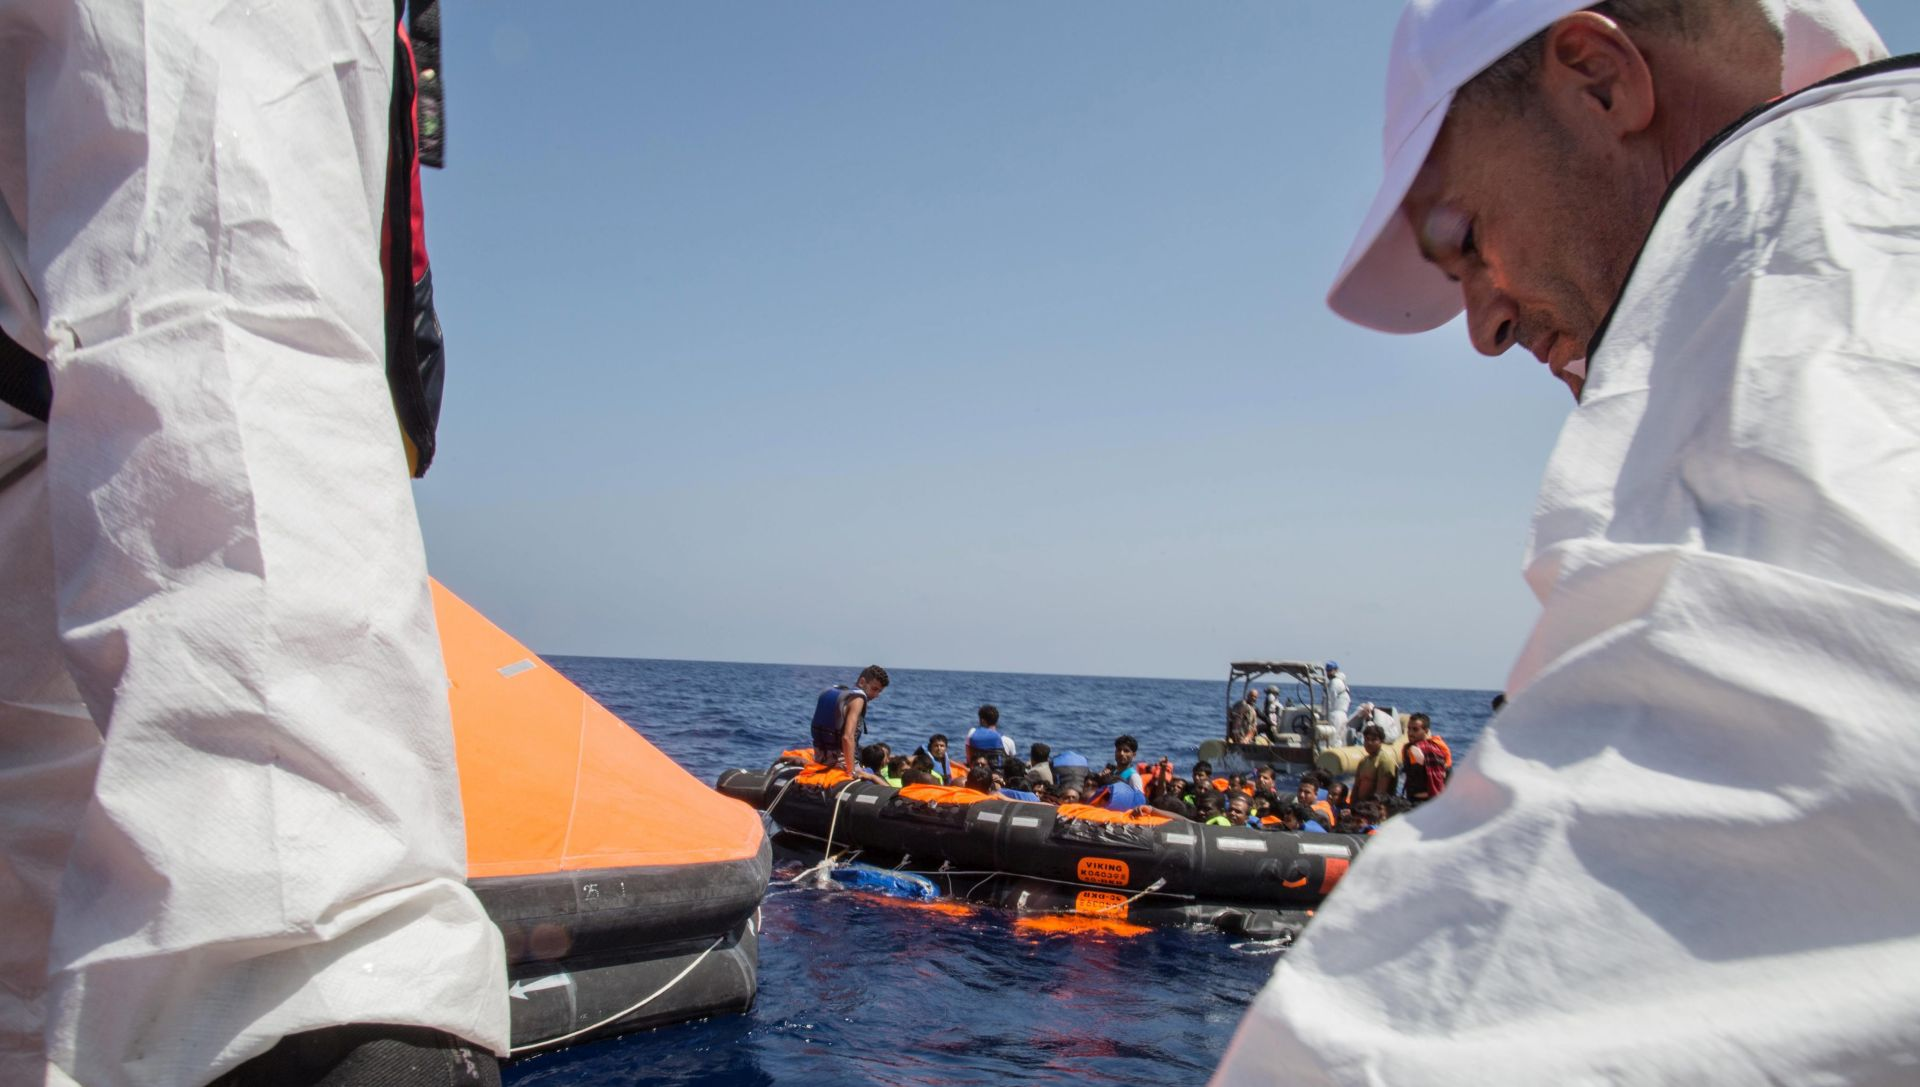 Potraga za preživjelima nakon brodoloma u Sredozemlju se nastavlja